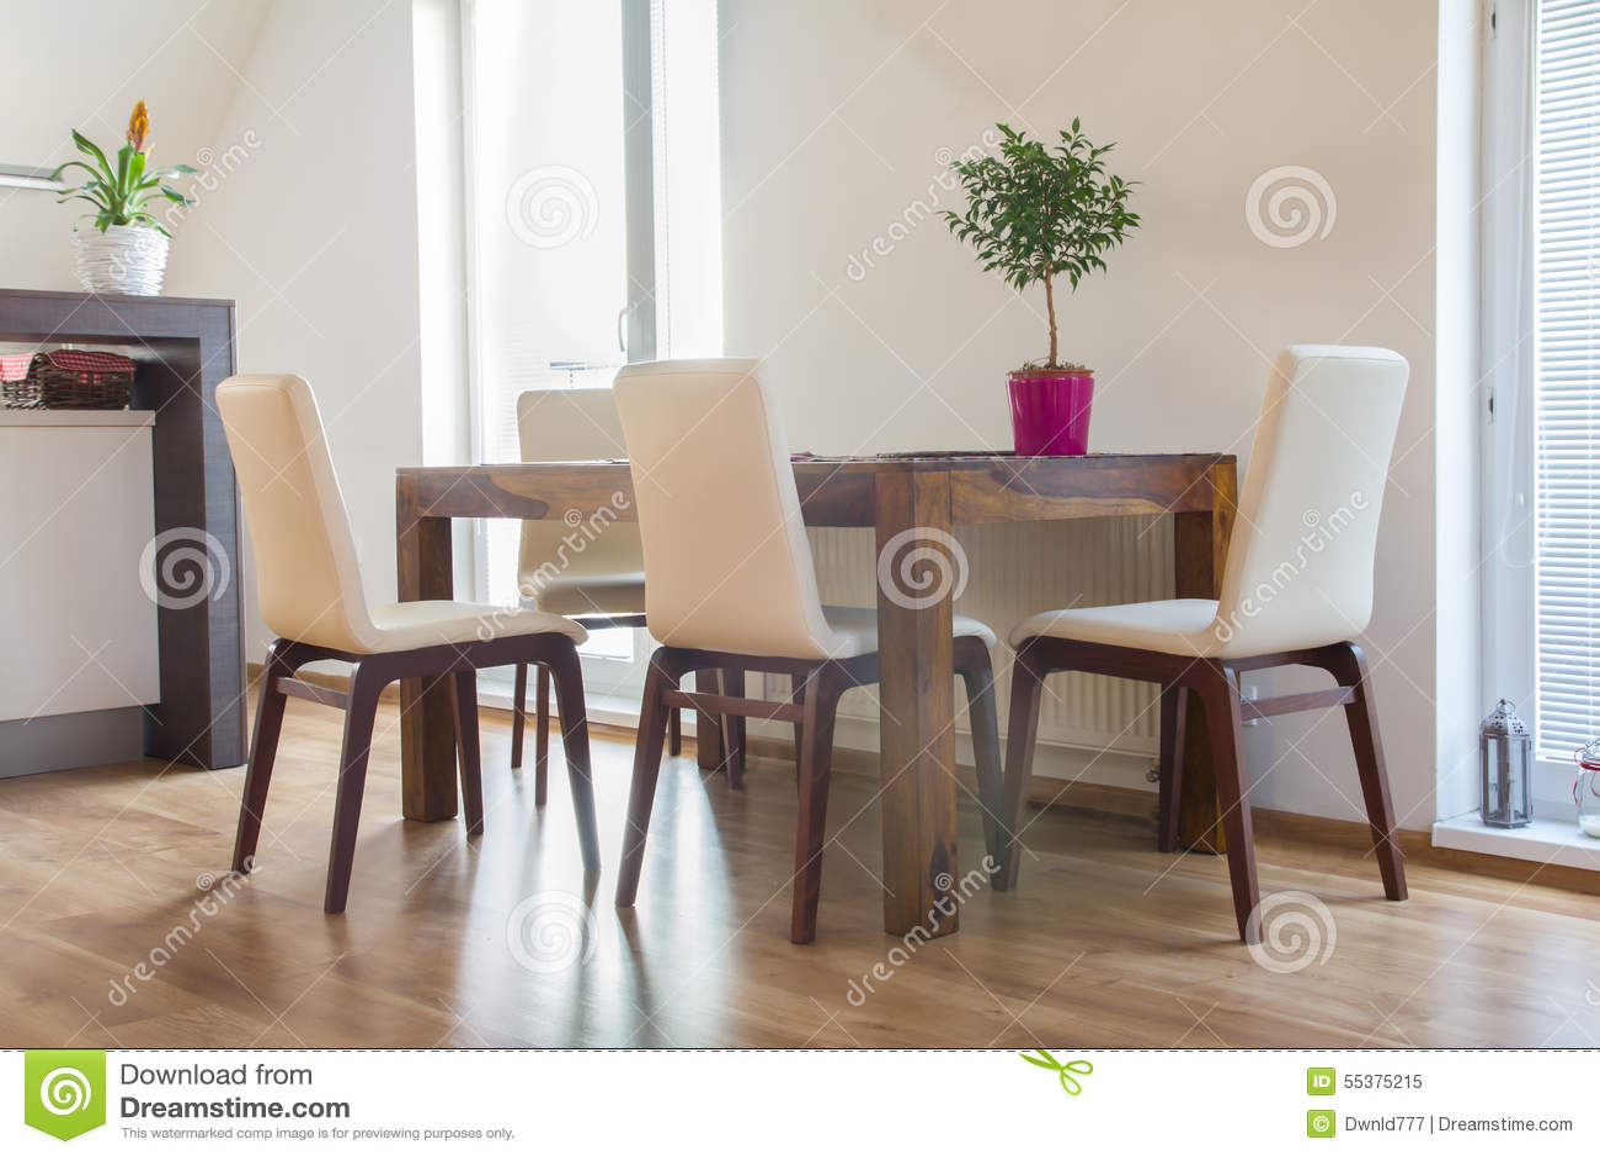 Tavolo Con Sedie Cucina   Ikea Tavoli E Sedie Cucina Con Sedia Da ...